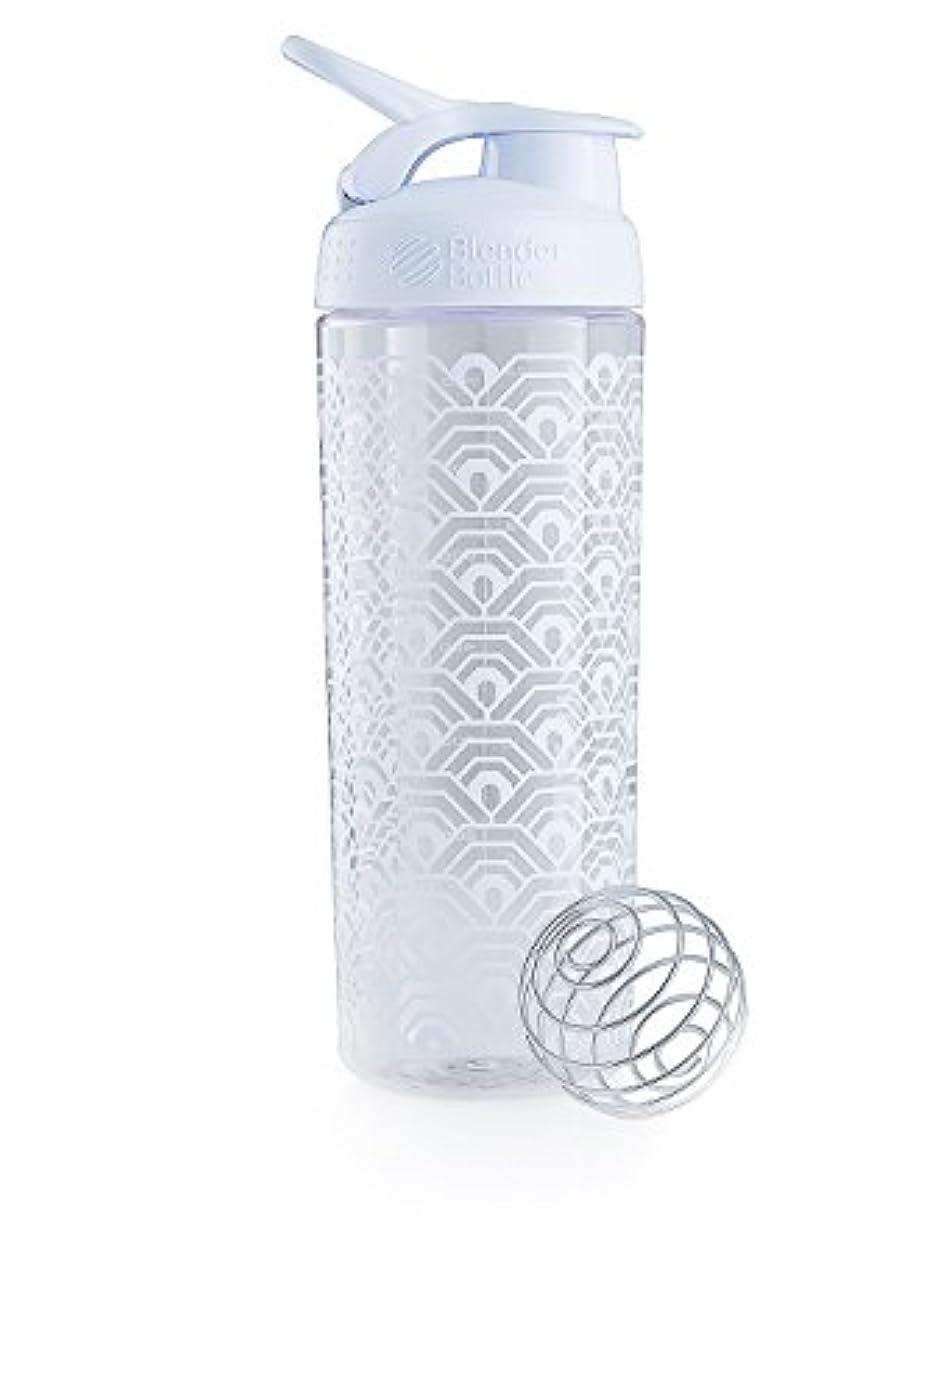 が欲しい雪ずらすブレンダーボトル 【日本正規品】 ミキサー シェーカー ボトル Sports Mixer 28オンス (800ml) クラムシェルホワイト BBSMSL28 CLWH